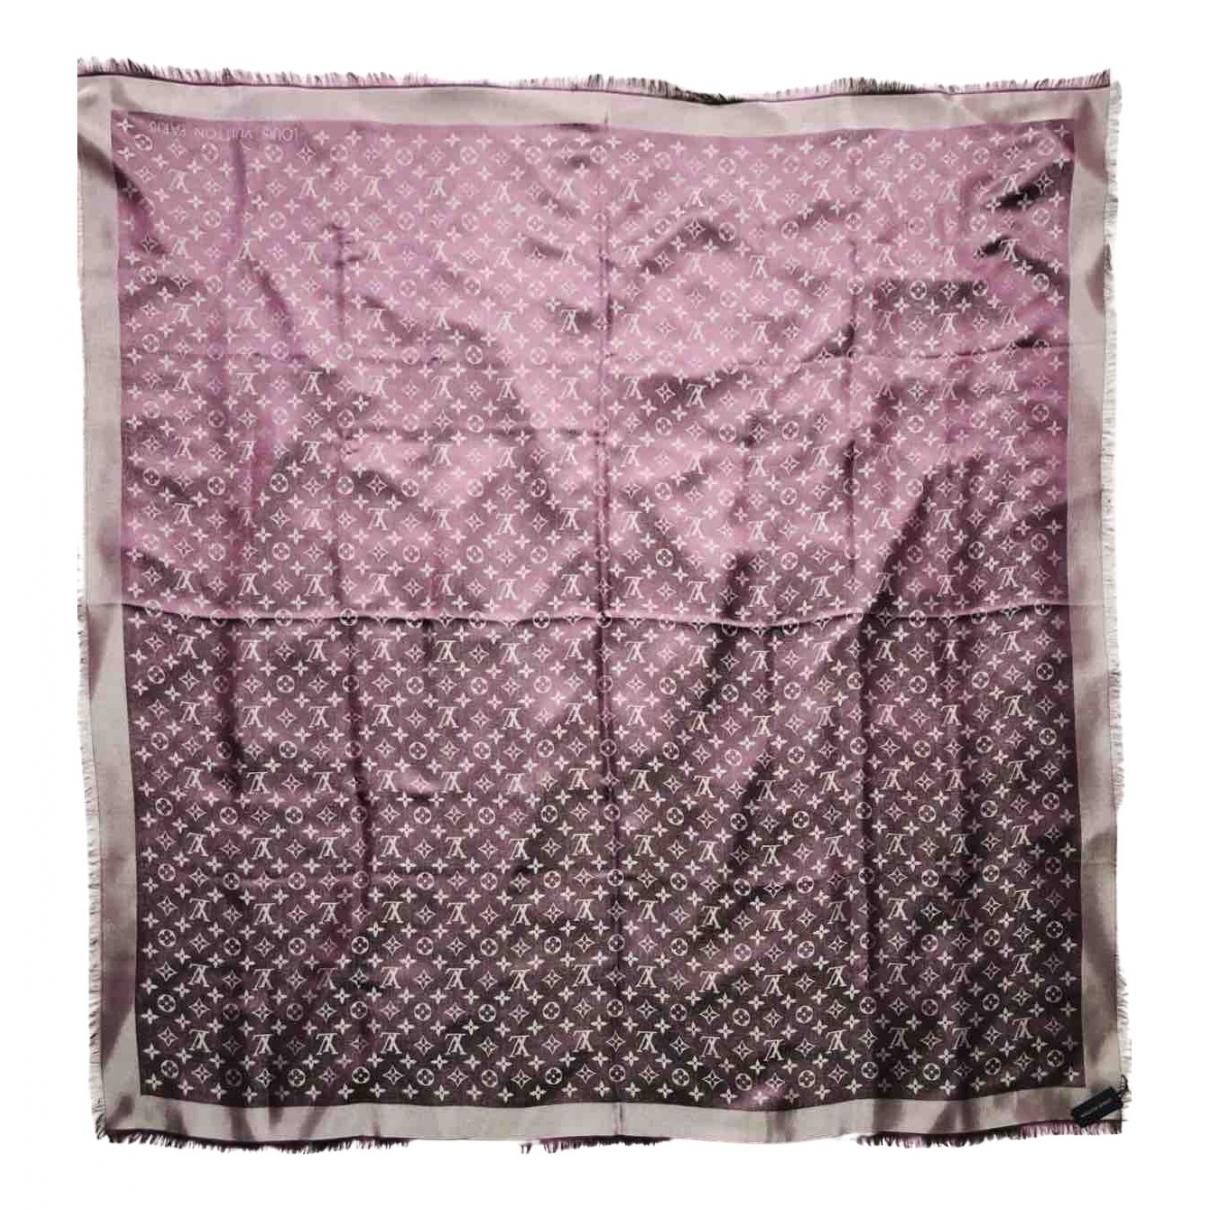 Louis Vuitton - Foulard Chale Monogram shine pour femme en soie - violet